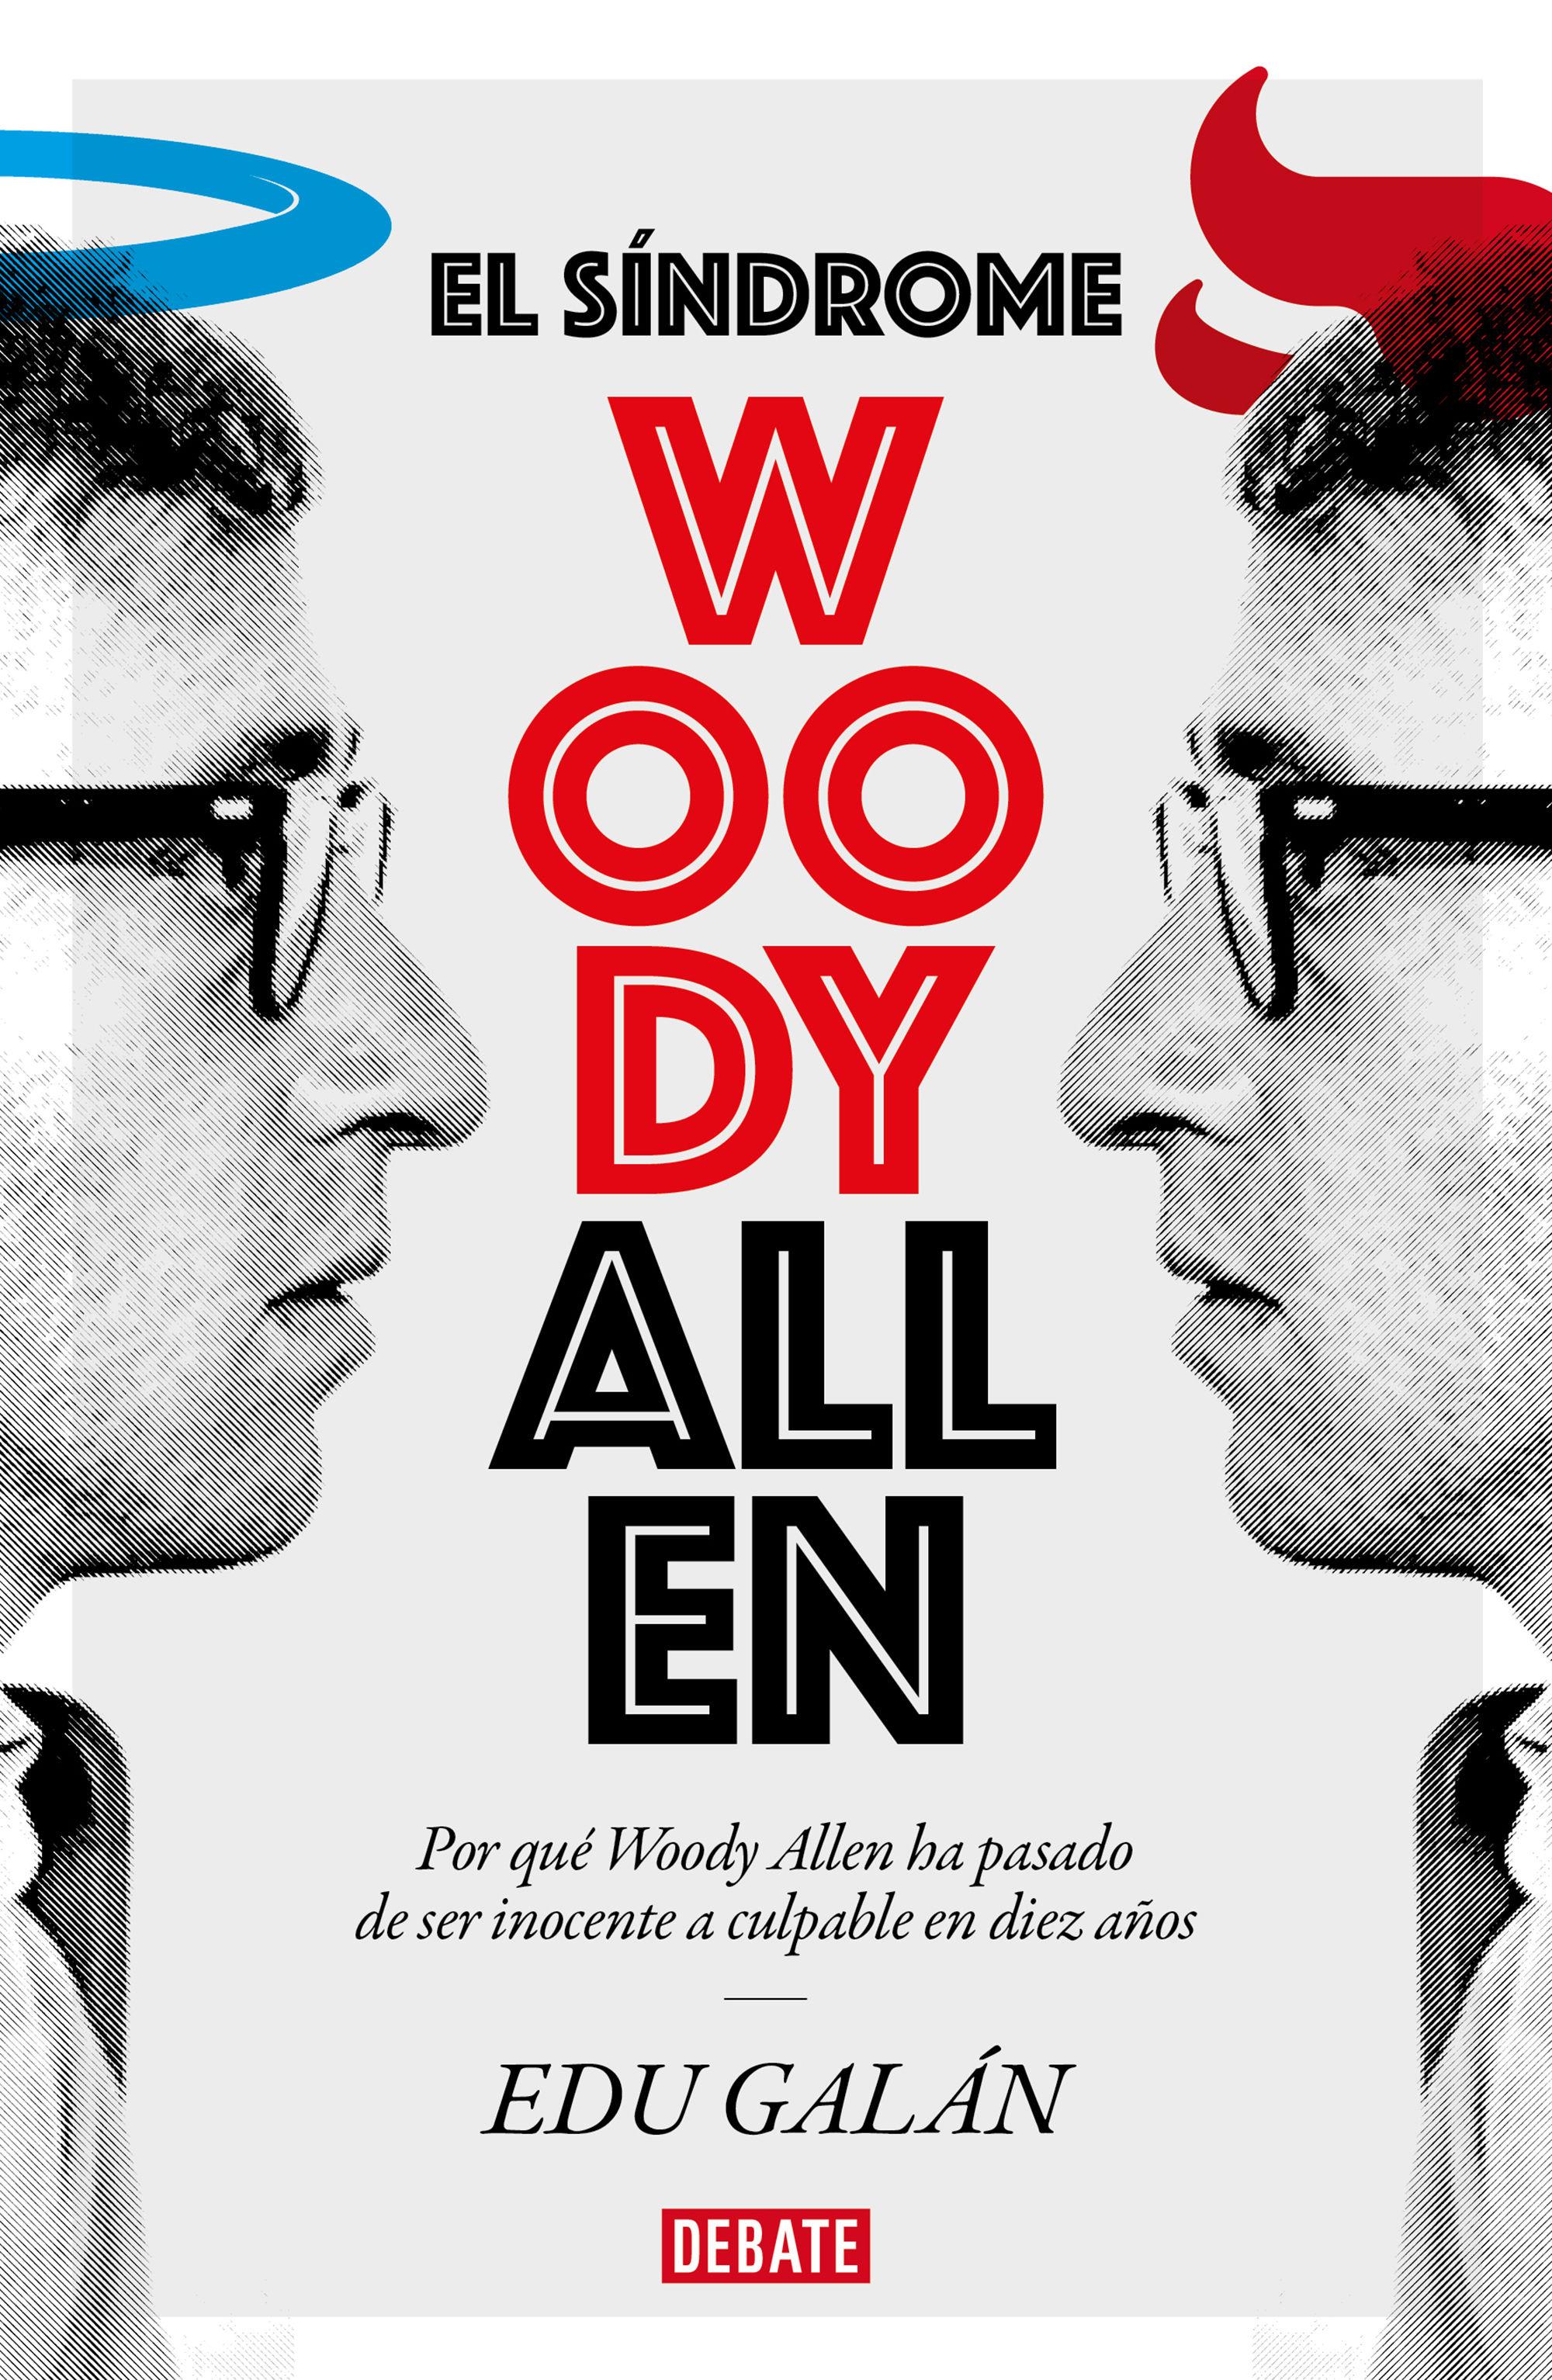 SINDROME WOODY ALLEN EL